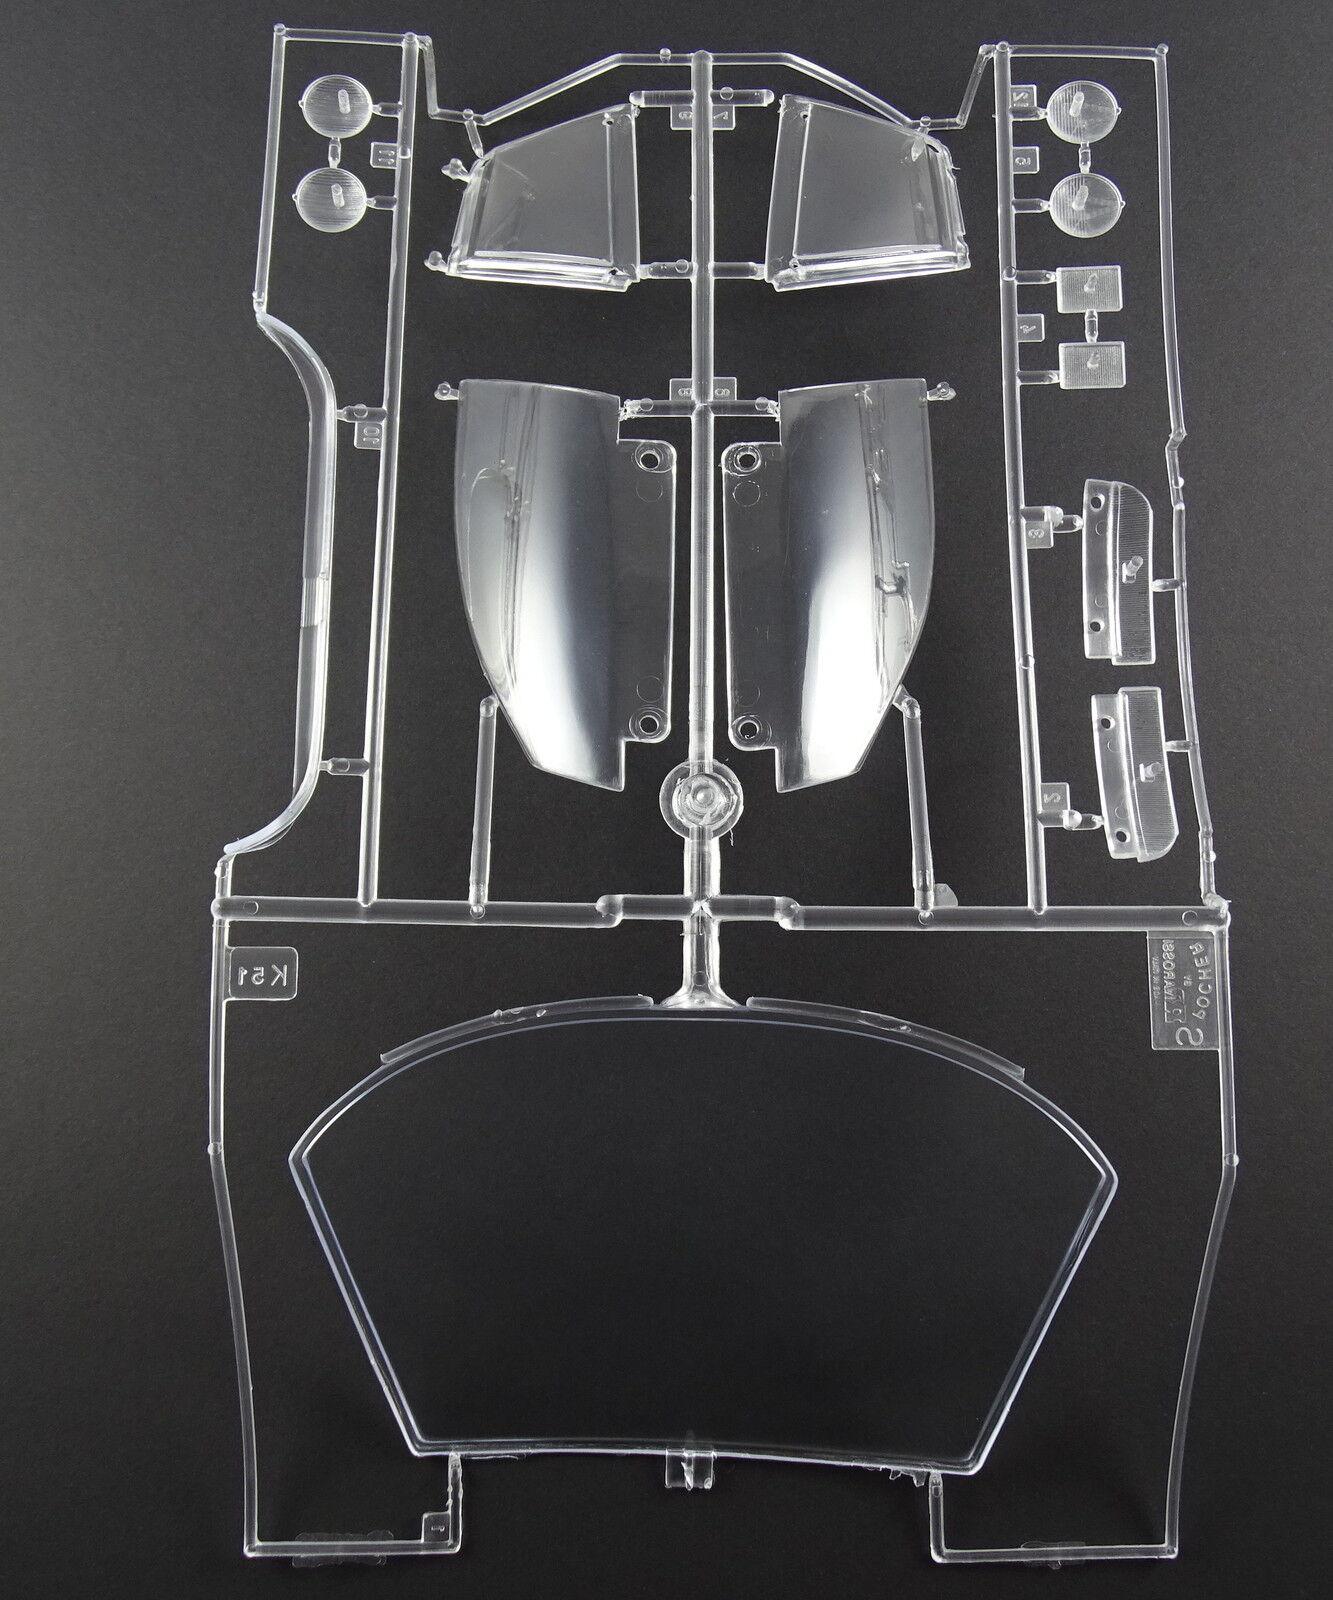 comprar nuevo barato Pocher Pocher Pocher 1 8 ventanas en el uso moldeo completamente Ferrari TeEstrellaossa K 51 bg s g5  promocionales de incentivo